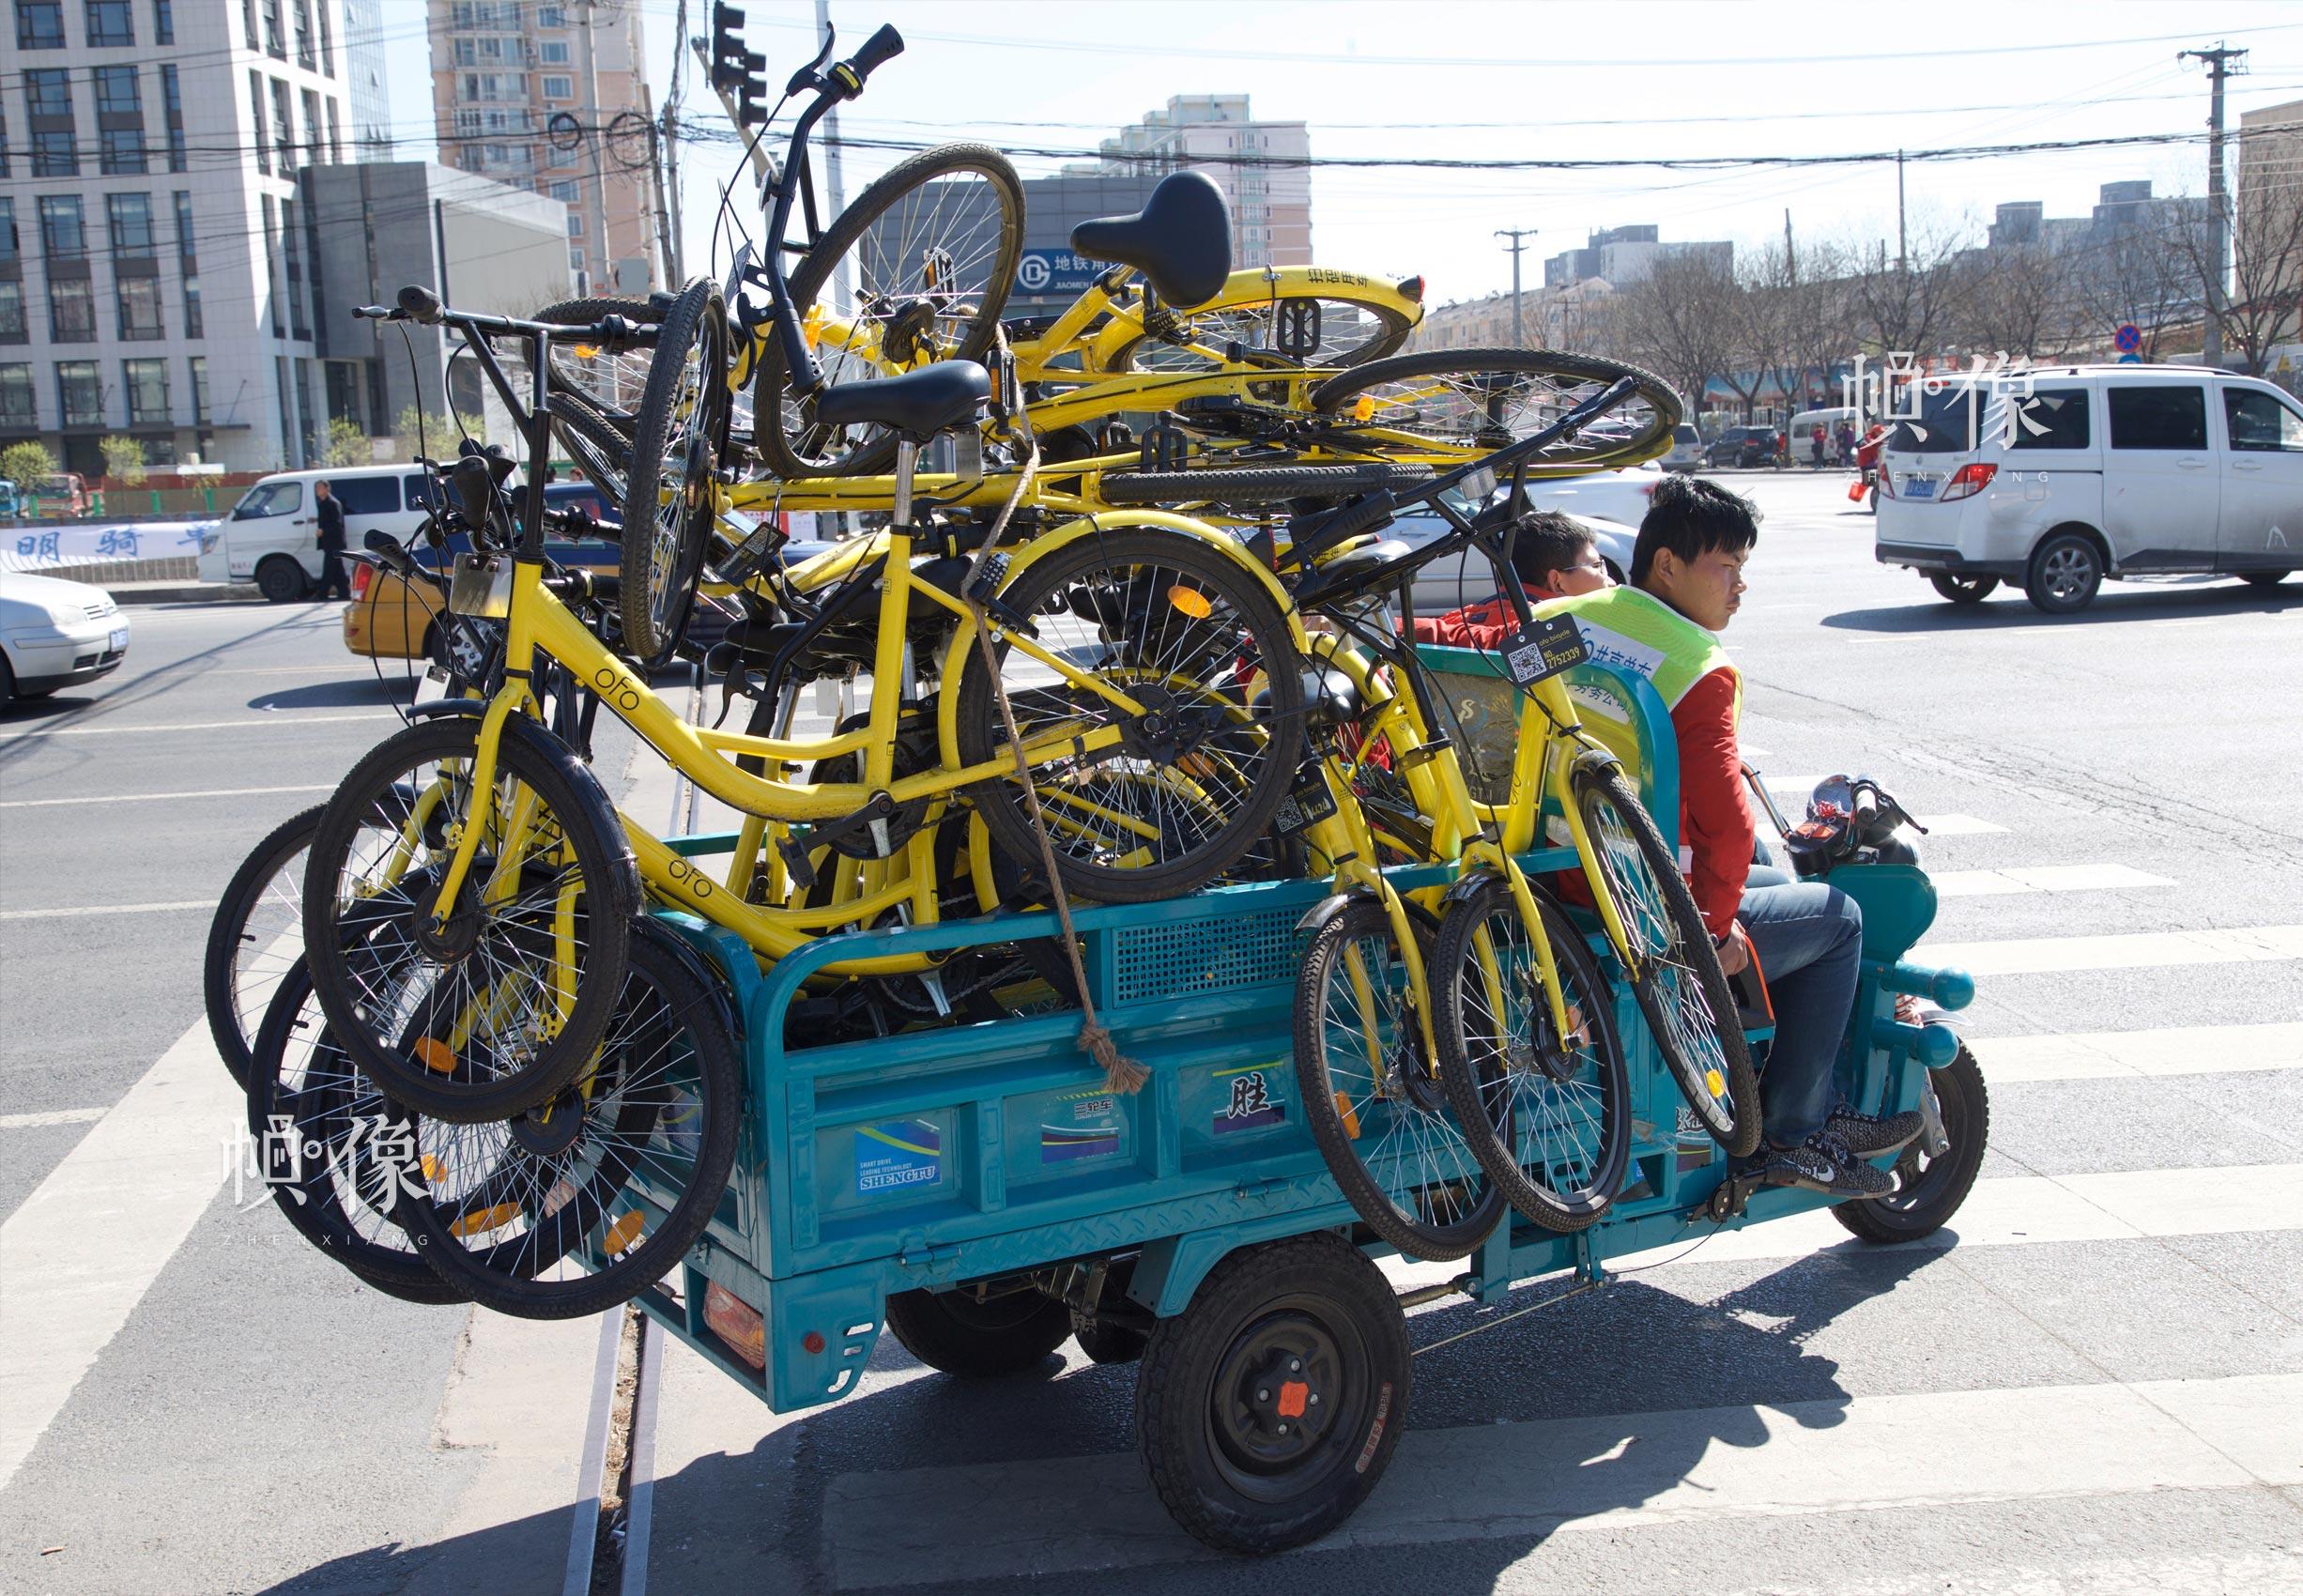 2017年3月27日,工作人员回收被损坏的OFO共享单车。中国网记者 高南 摄